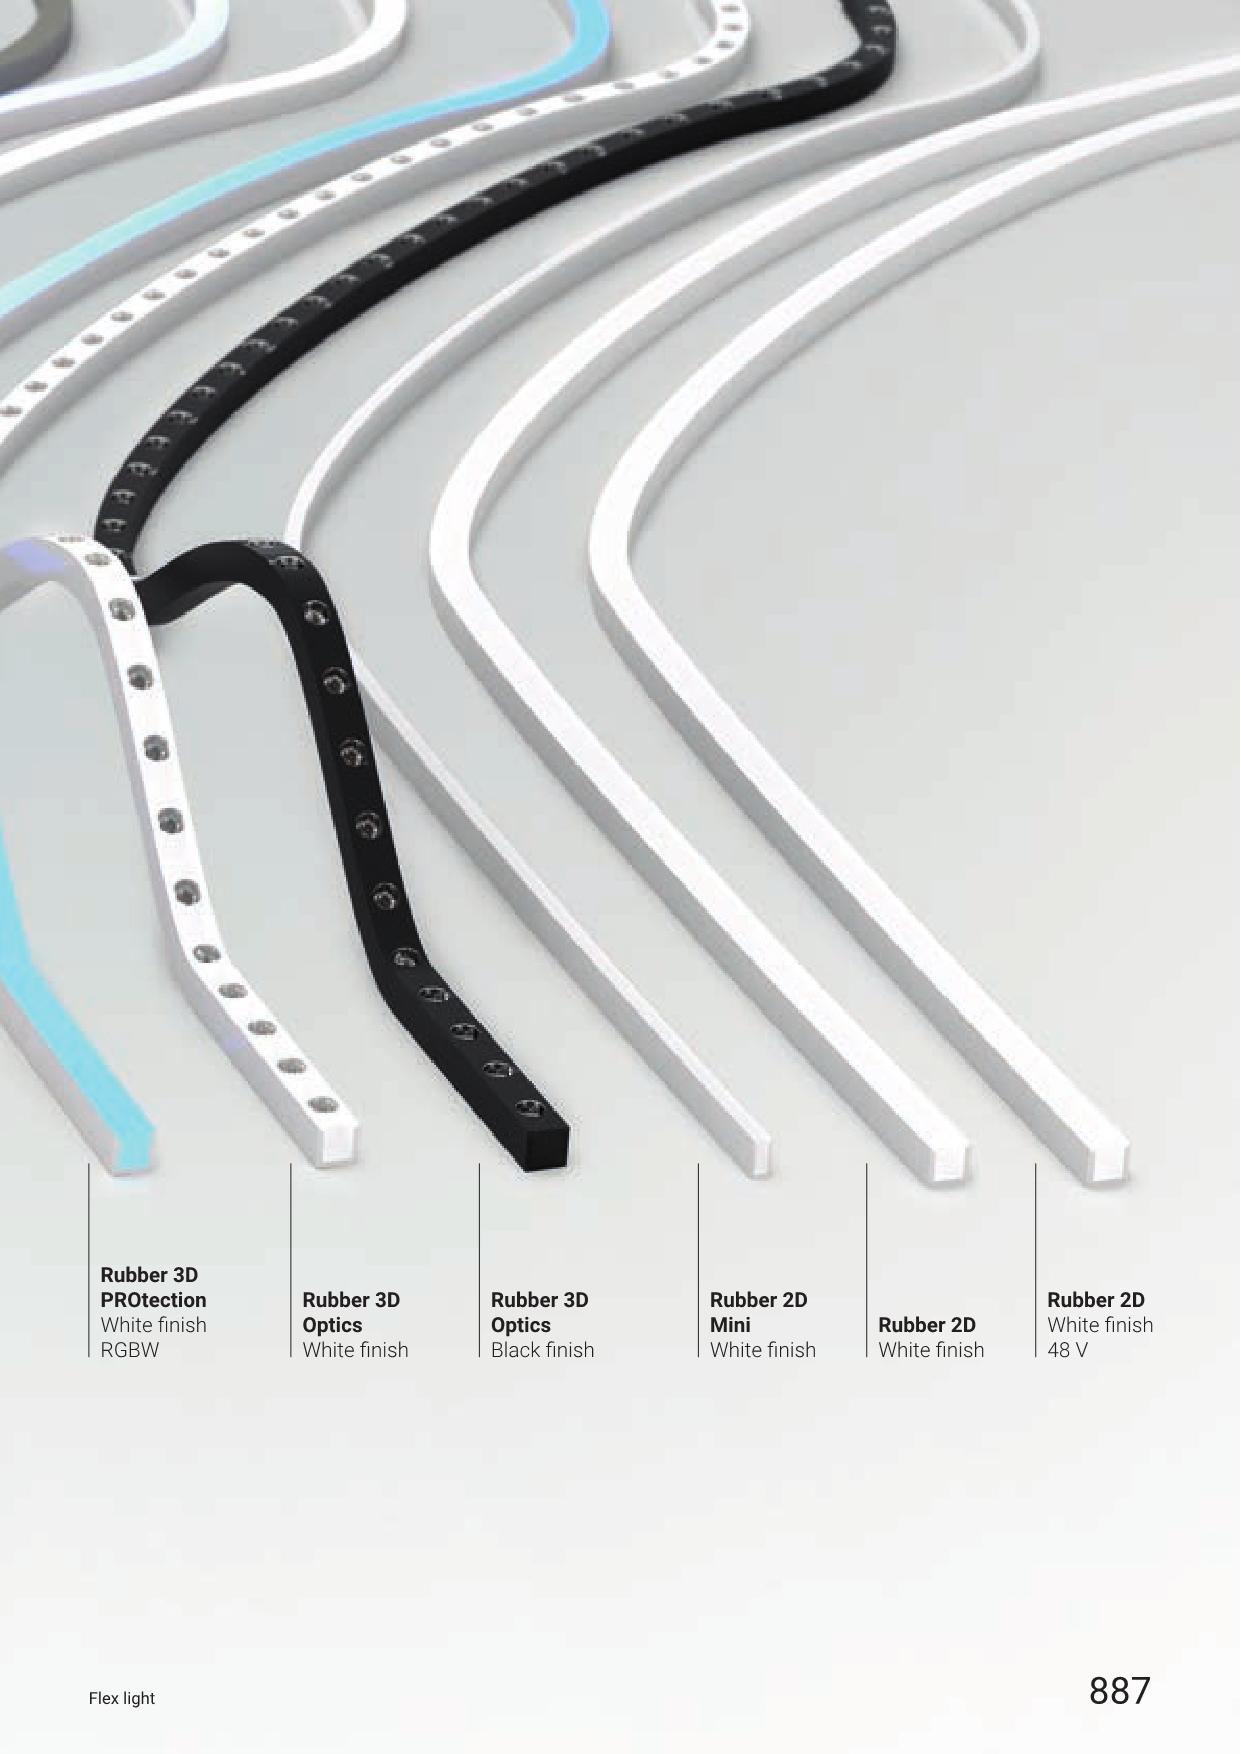 Linea Light – Rubber